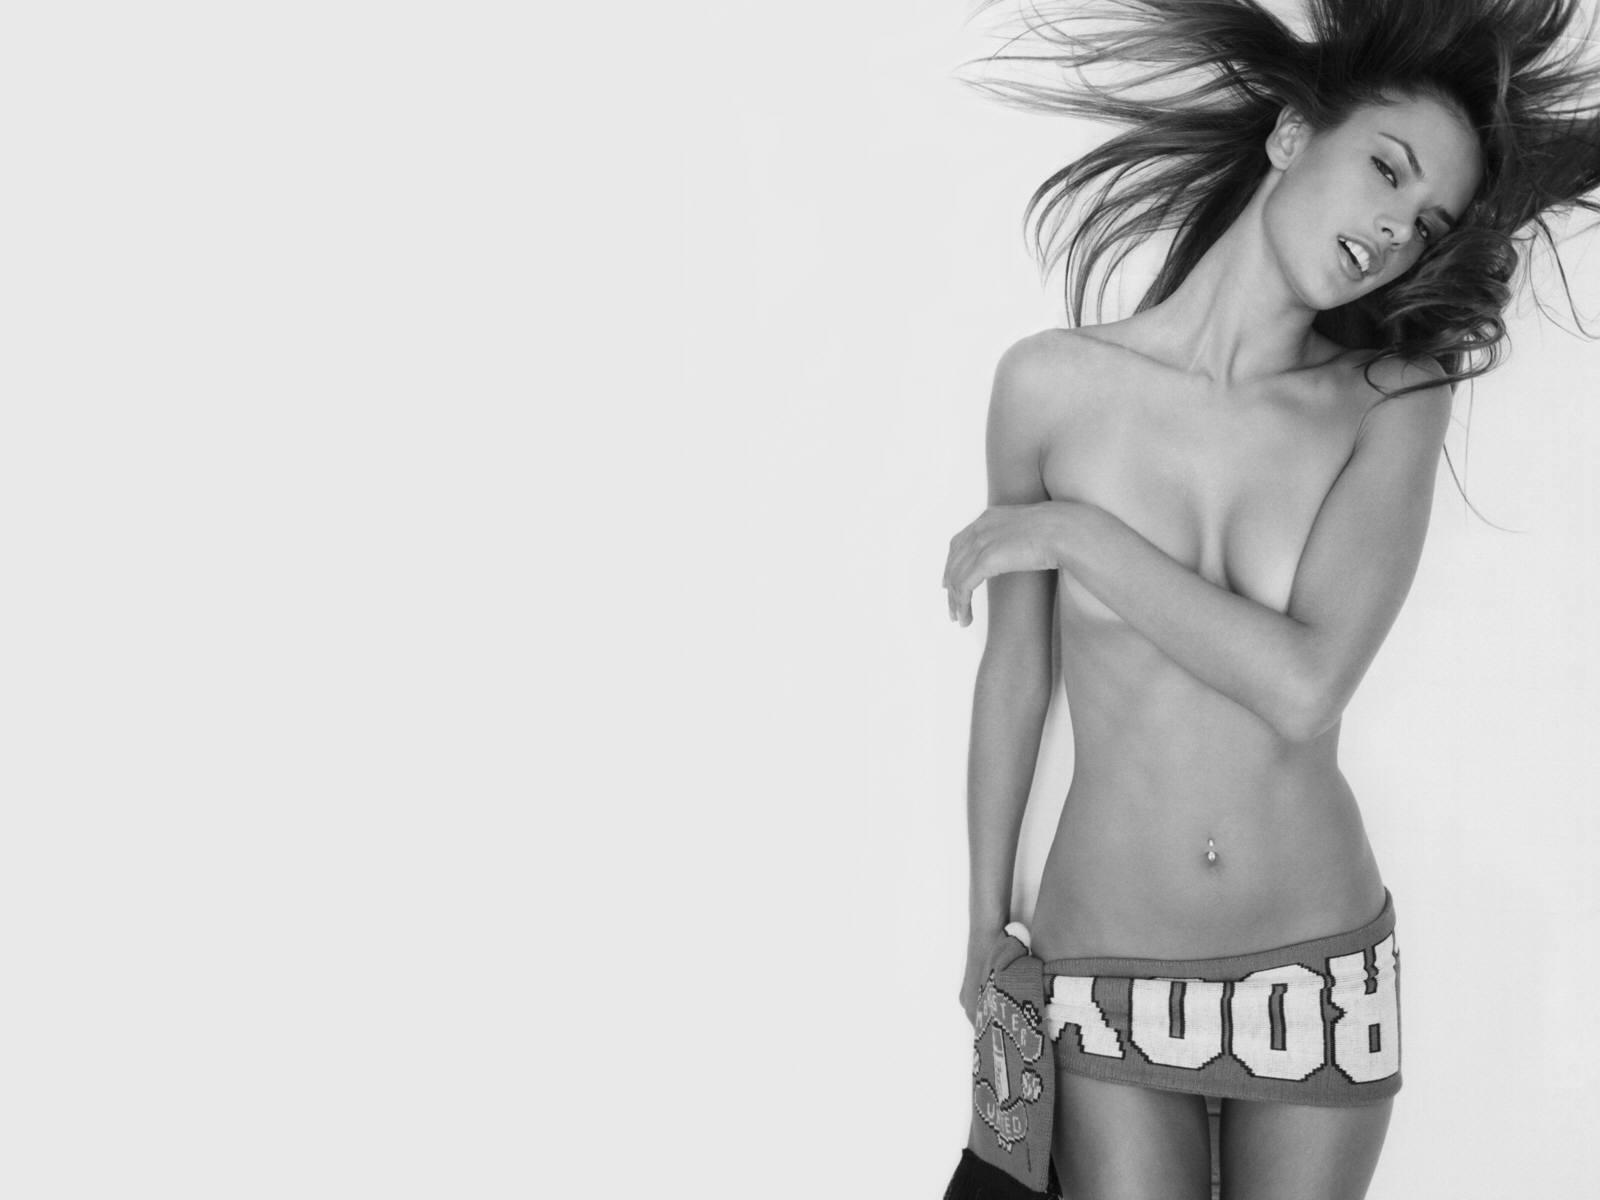 http://3.bp.blogspot.com/_Si7zjQmZnm4/SahupmmqN7I/AAAAAAAACgA/Ms37aelYbuo/s1600/Fullwalls.blogspot.com_Alessandra_Ambrosio%2812%29.jpg